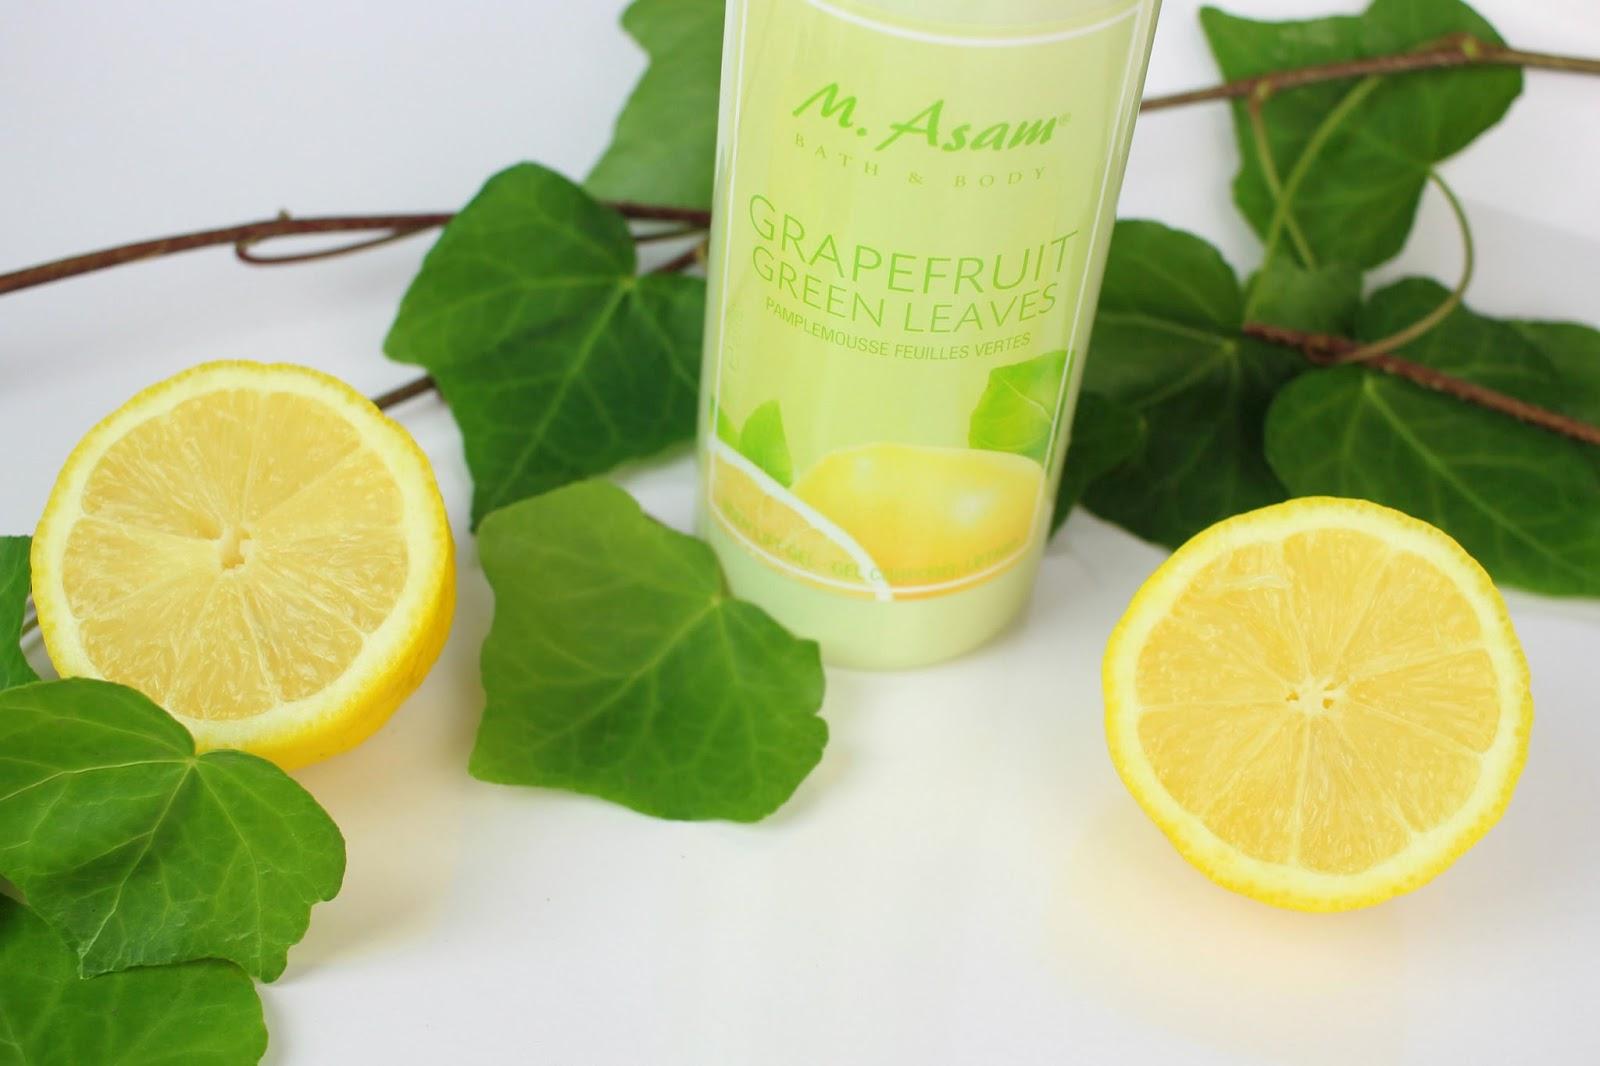 Body Lift Gel, Cellulite, erfahrung, erfrischende Hautpflege, fruchtiger duft, Grapefruit Green Leaves, m. asam, peeling, pflanzliche Wirkstoffe, straffende Körperpflege, trockene haut, zuckerpeeling,